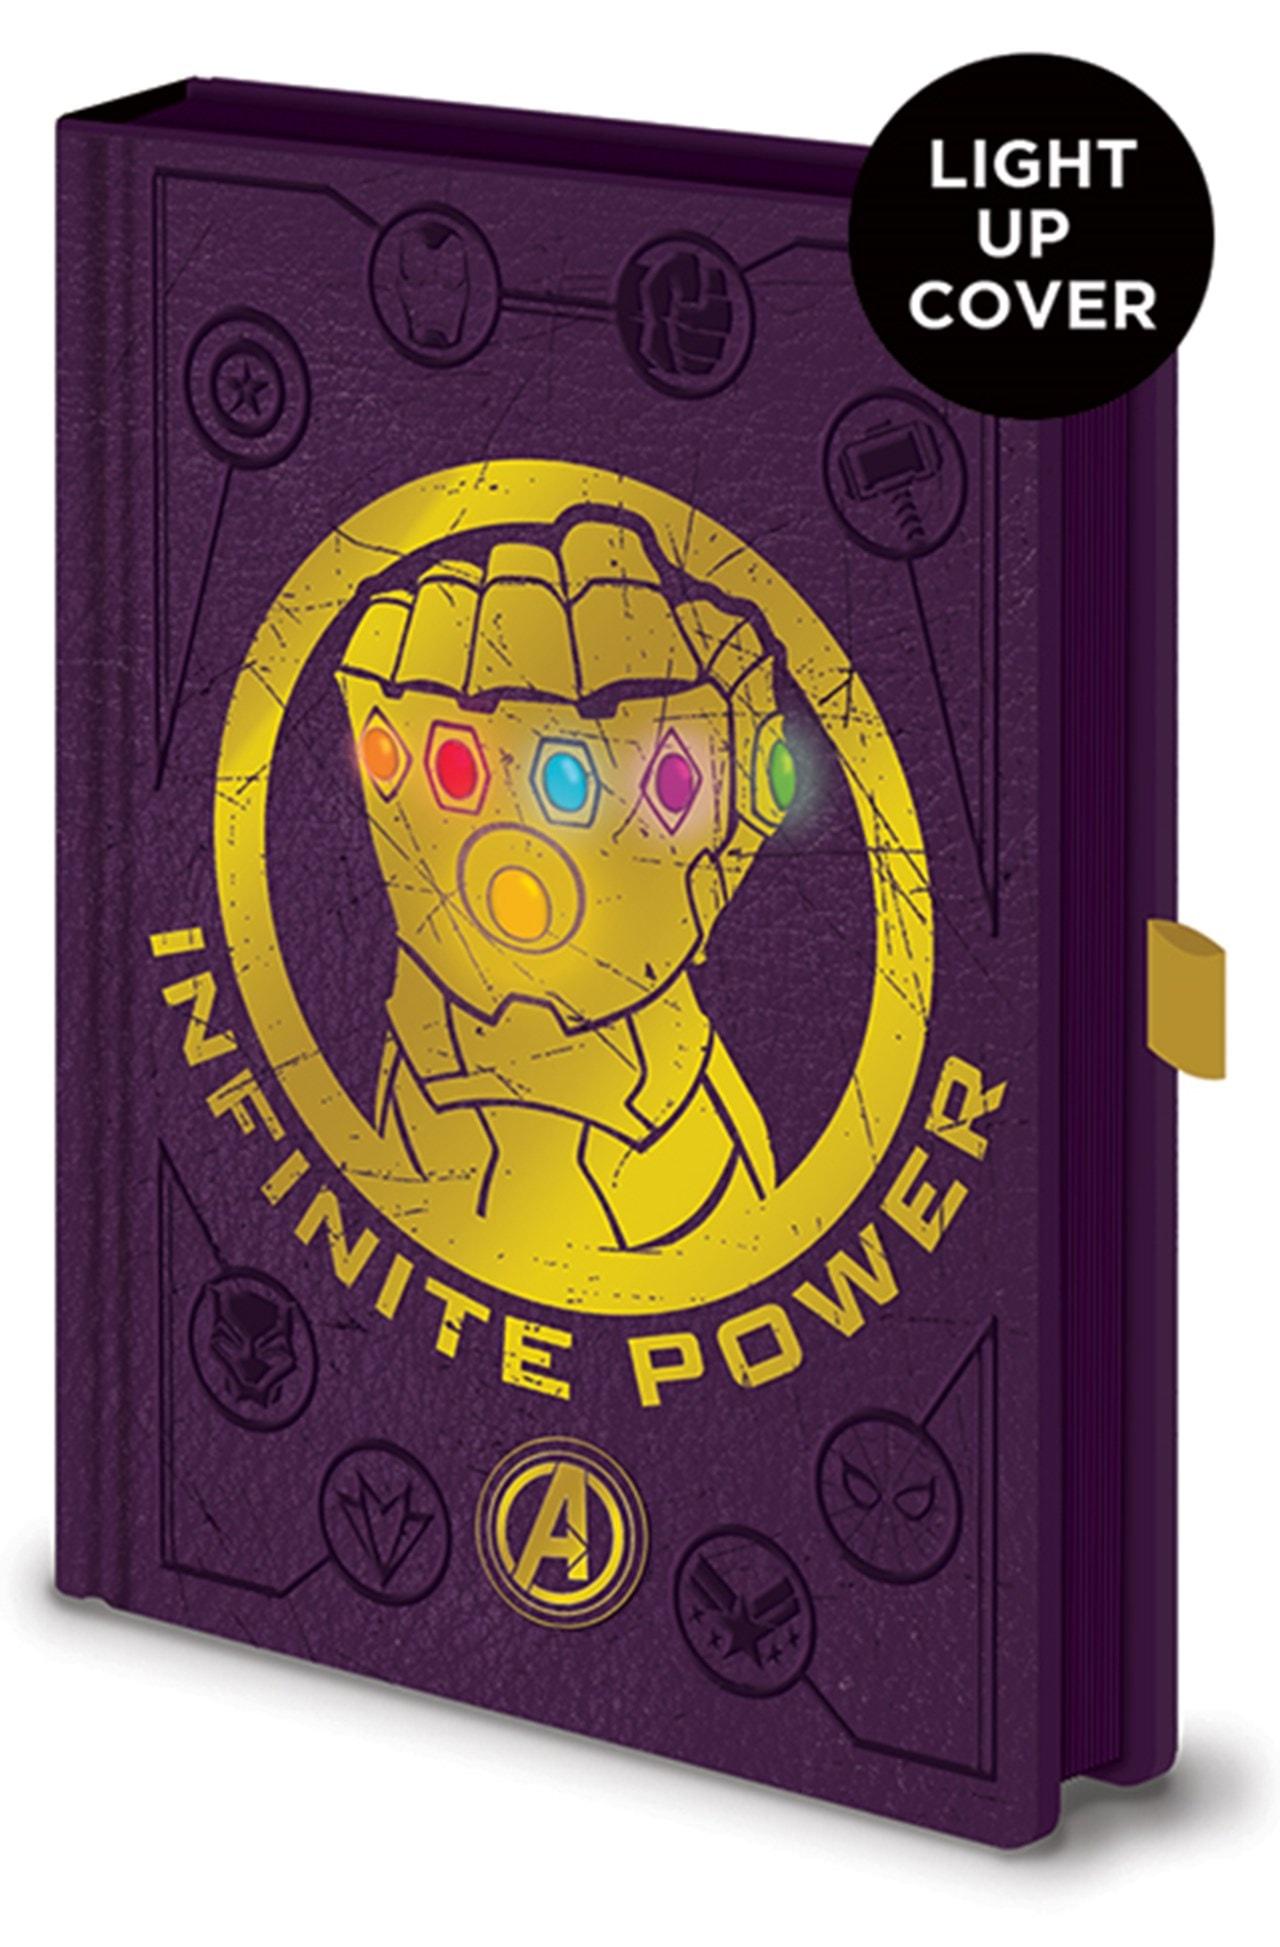 Avengers: Infinity War Gauntlet Light Up Premium A5 Notebook - 1